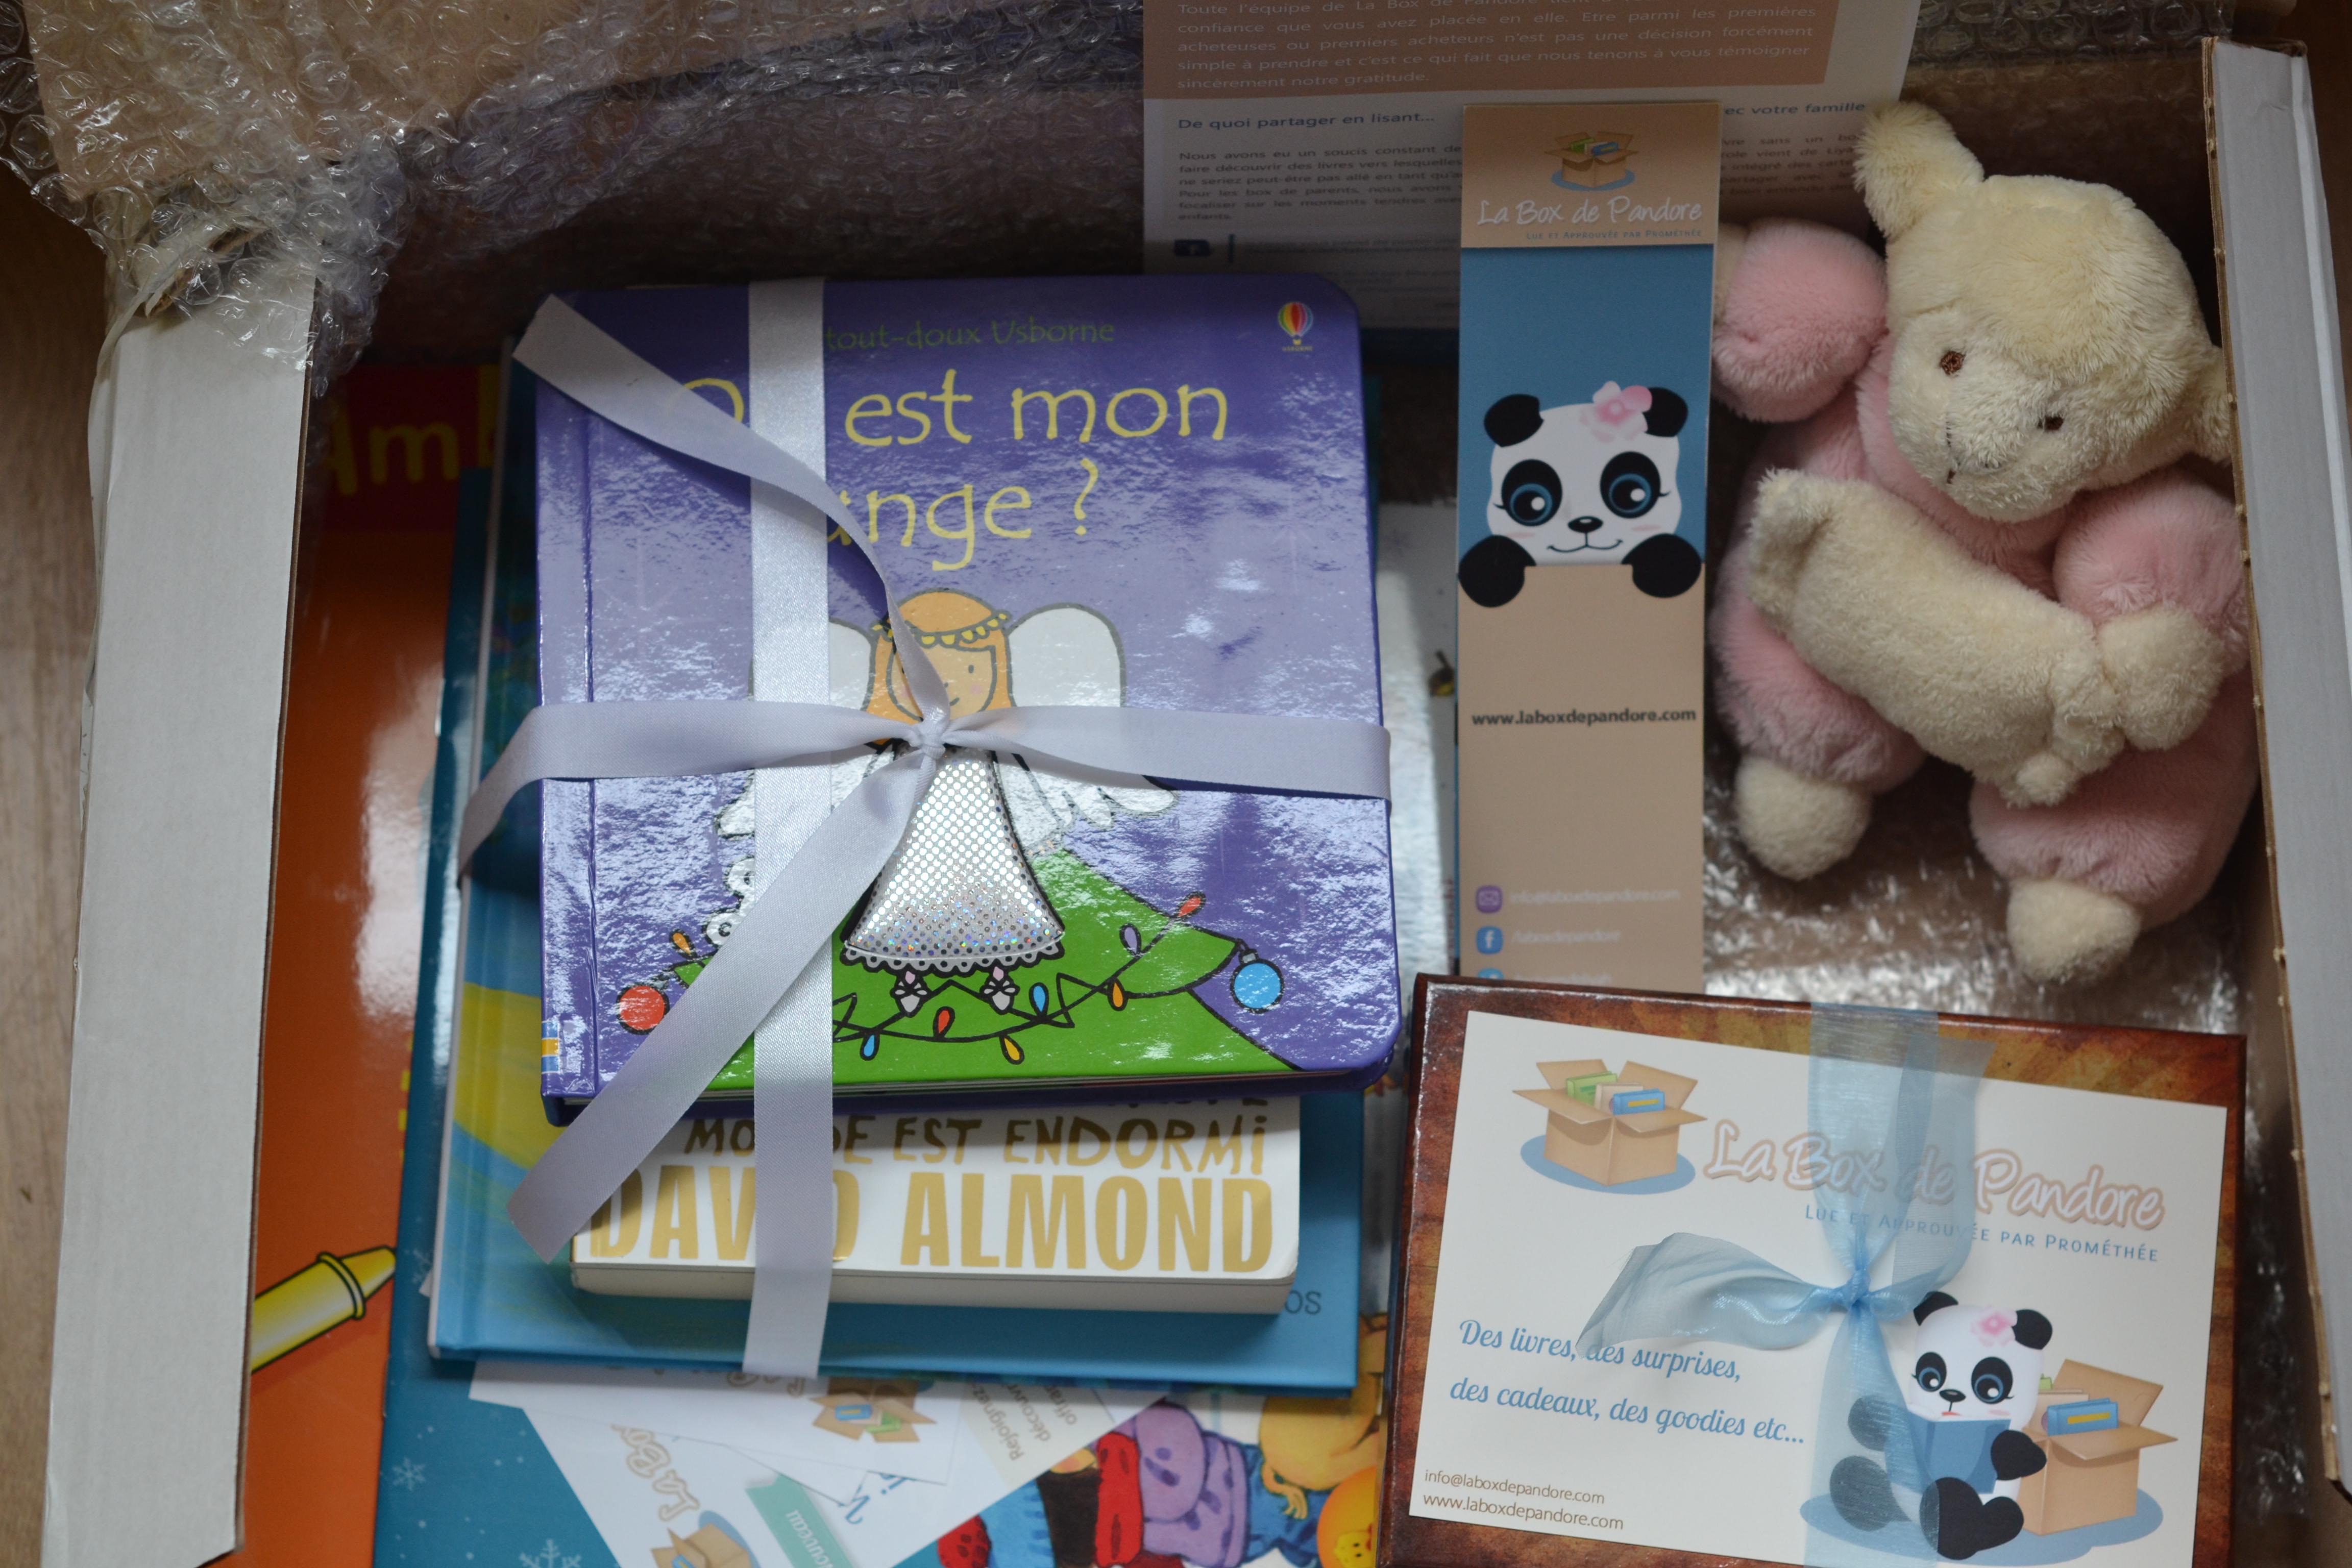 La box de Pandore <3  j'adore! dans Activité partagée dsc_0272